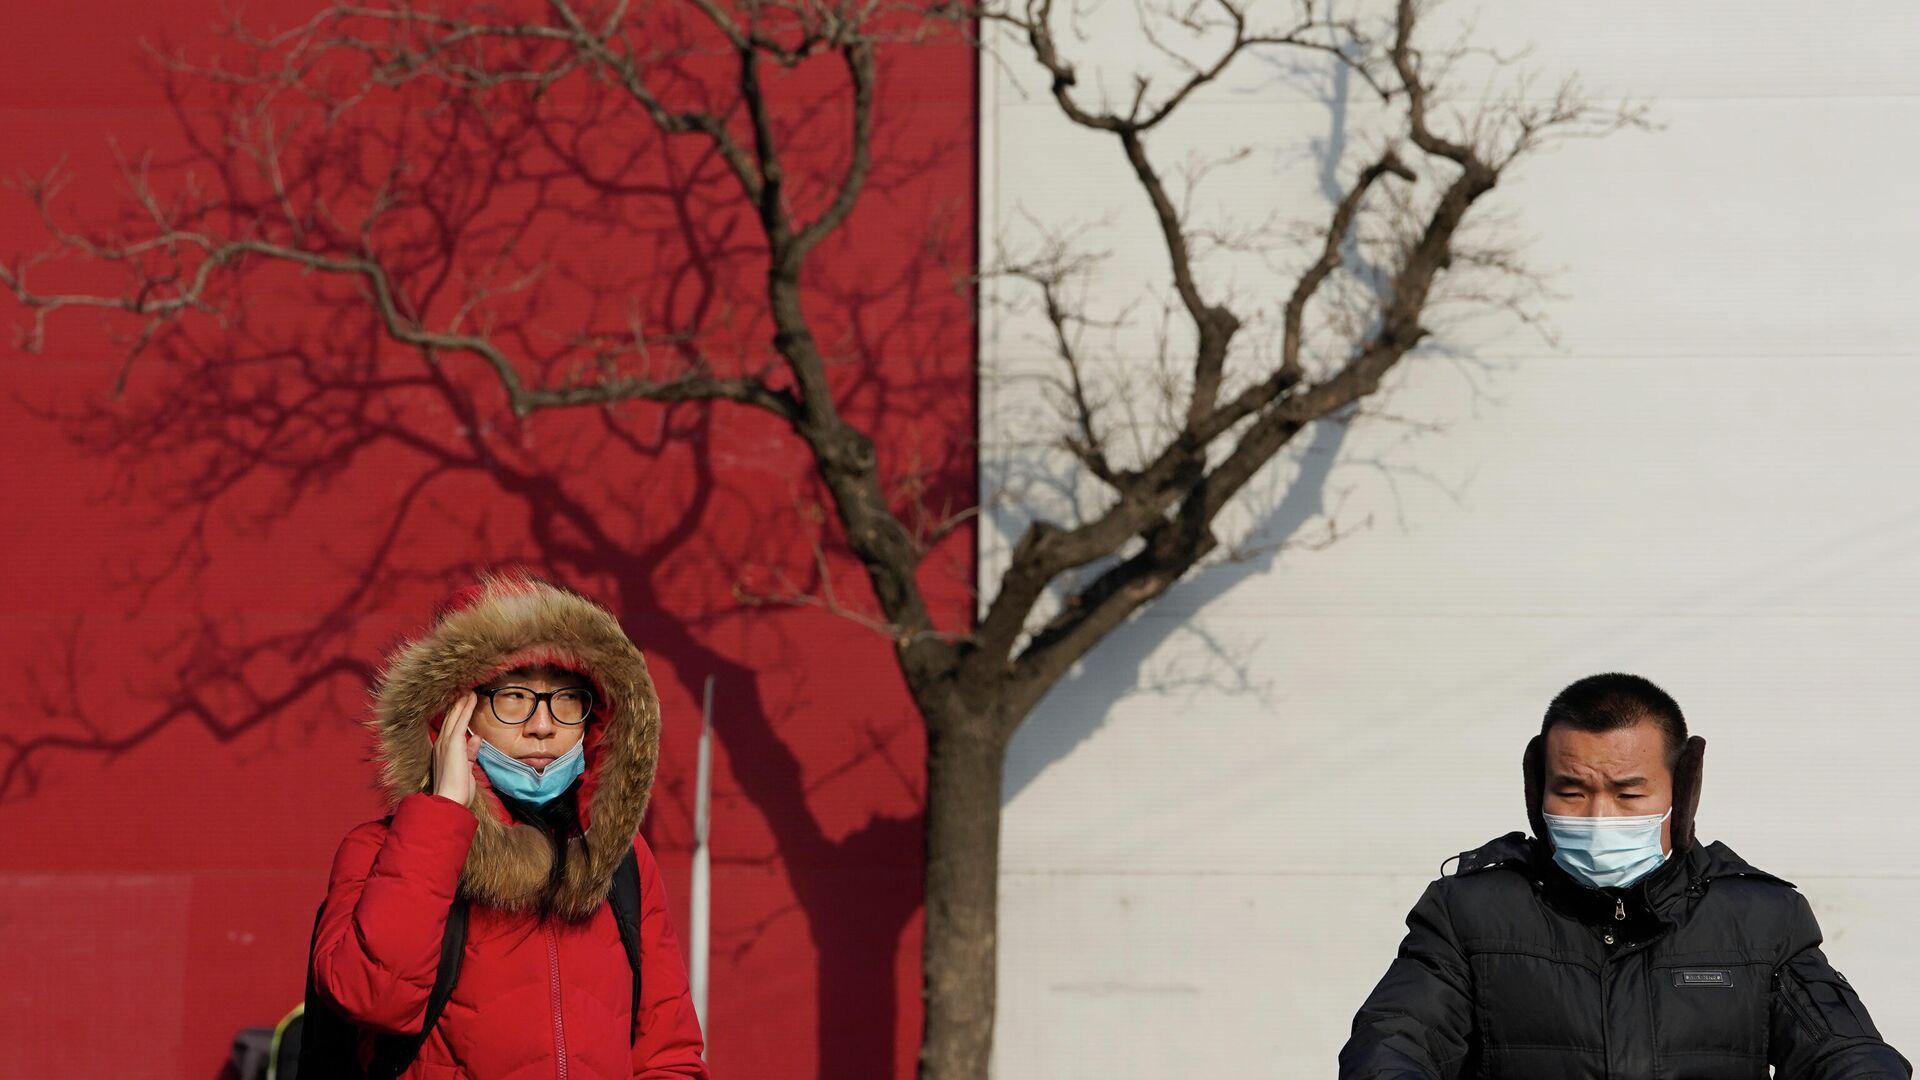 Люди в защитных масках на улице Пекина - РИА Новости, 1920, 28.01.2021